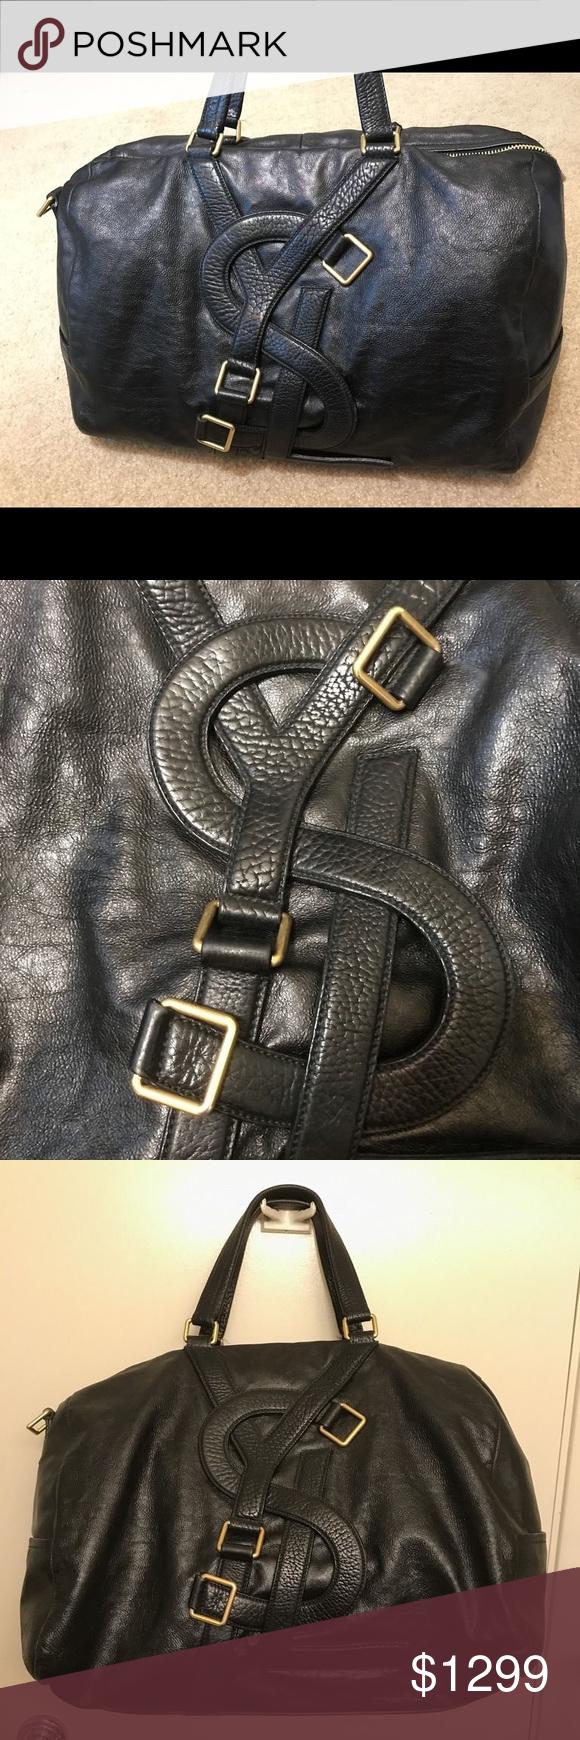 022de846fec8 Yves Saint Laurent YSL Vavin Leather Duffle Bag Authentic Yves Saint  Laurent Vavin Duffle Bag.